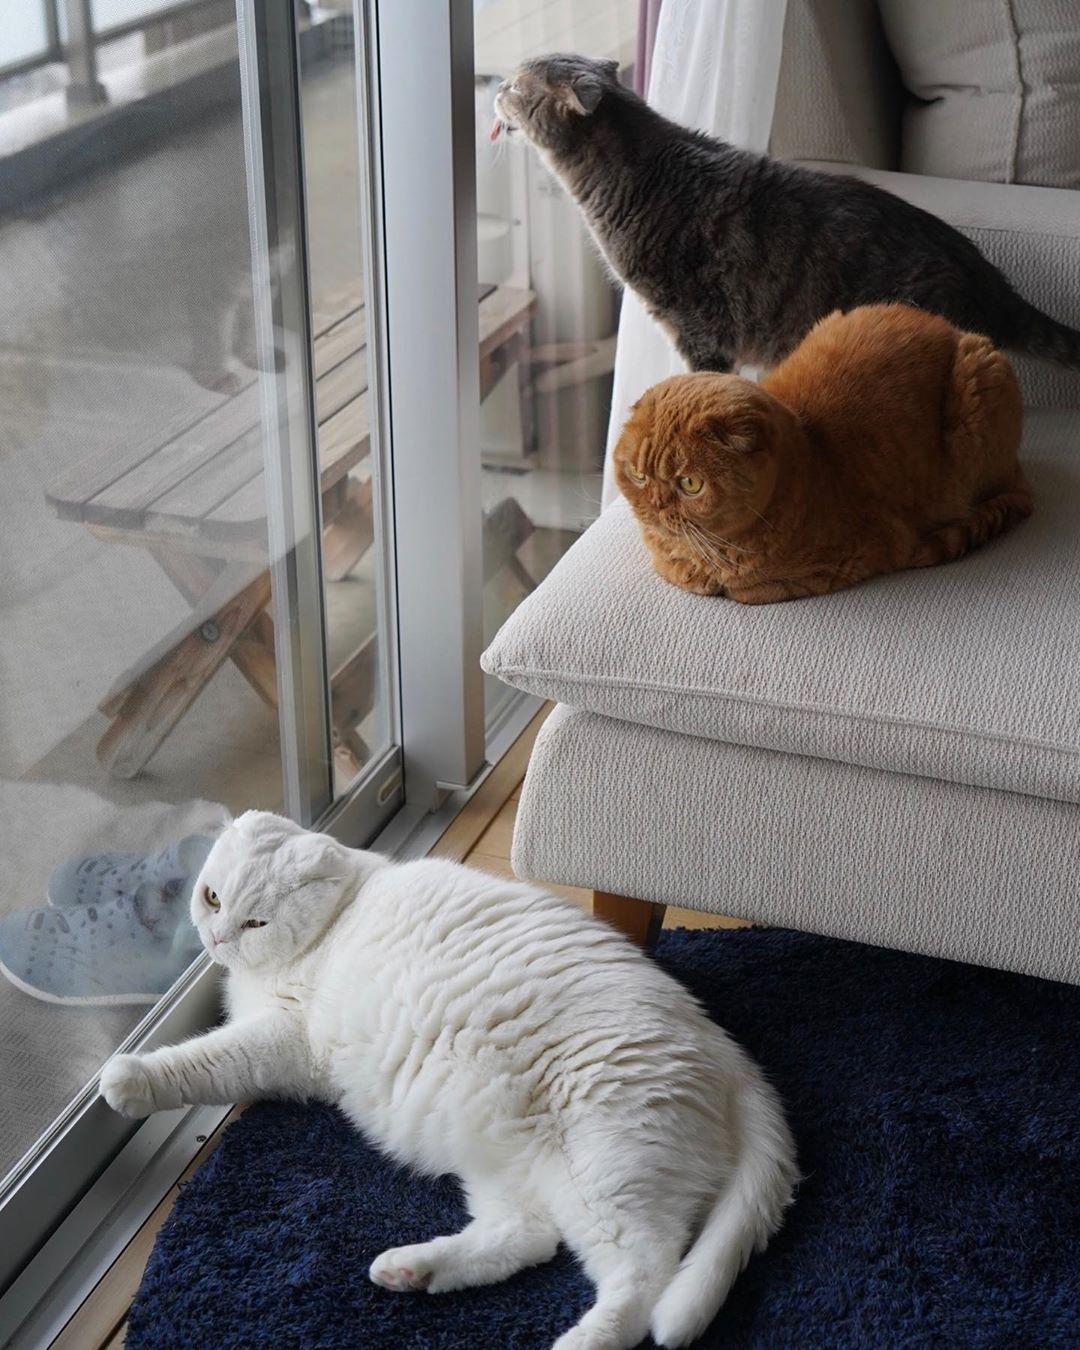 猫咪慵懒得靠在玻璃门上,脸都挤歪了 by/IG/rojiman